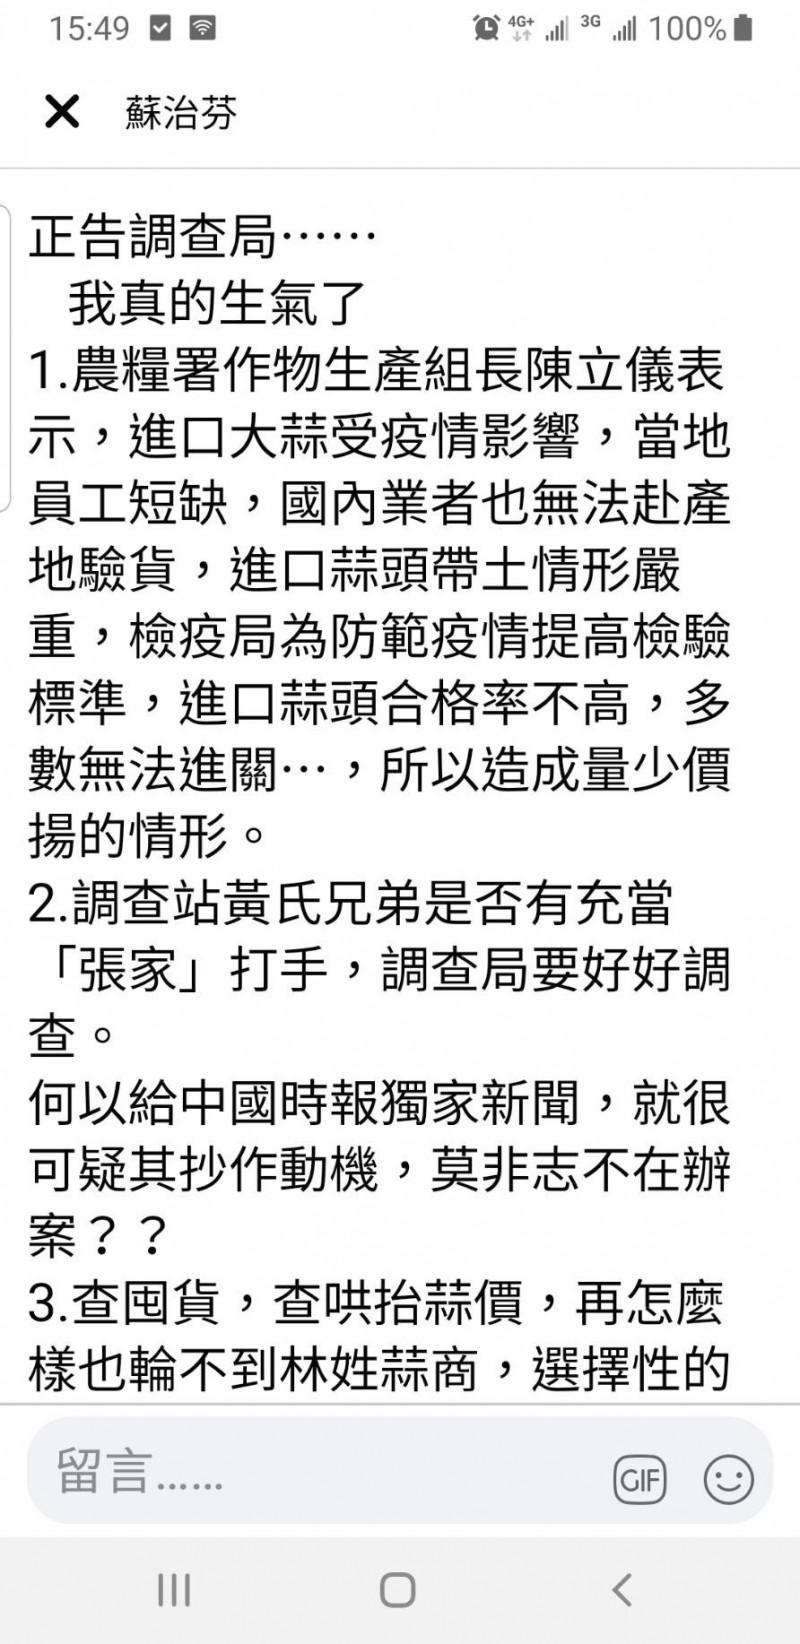 立委蘇治芬在臉書貼文指控雲林調查站,追查哄抬蒜價,「是否充當張家打手」。(截取自蘇治芬臉書)